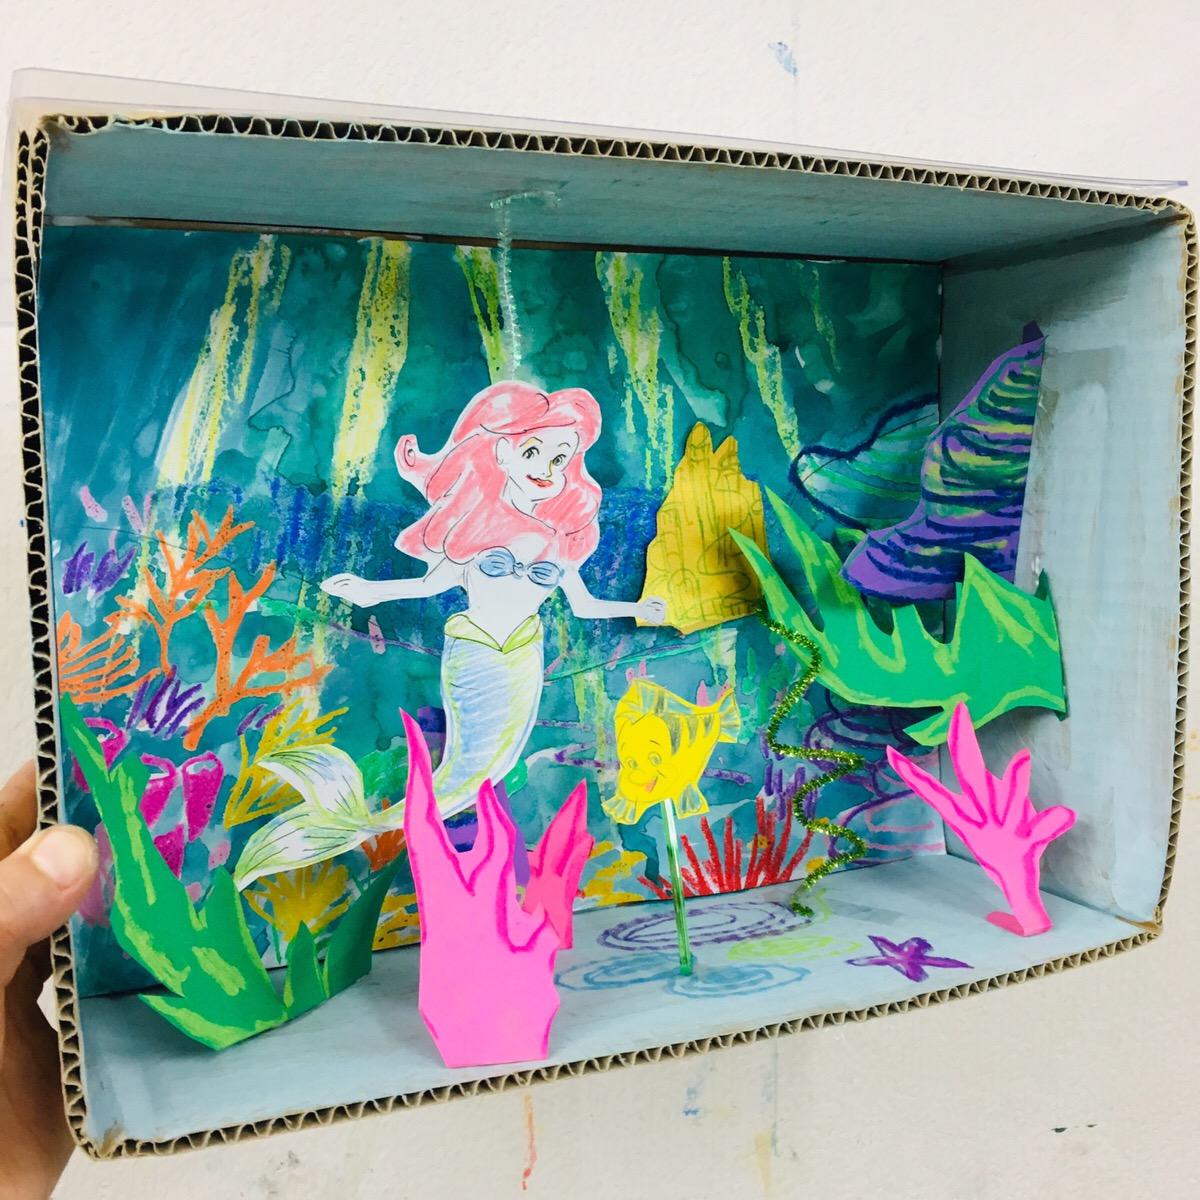 【リトルマーメイド 海の世界をジオラマで】アリエルのお絵描き・工作